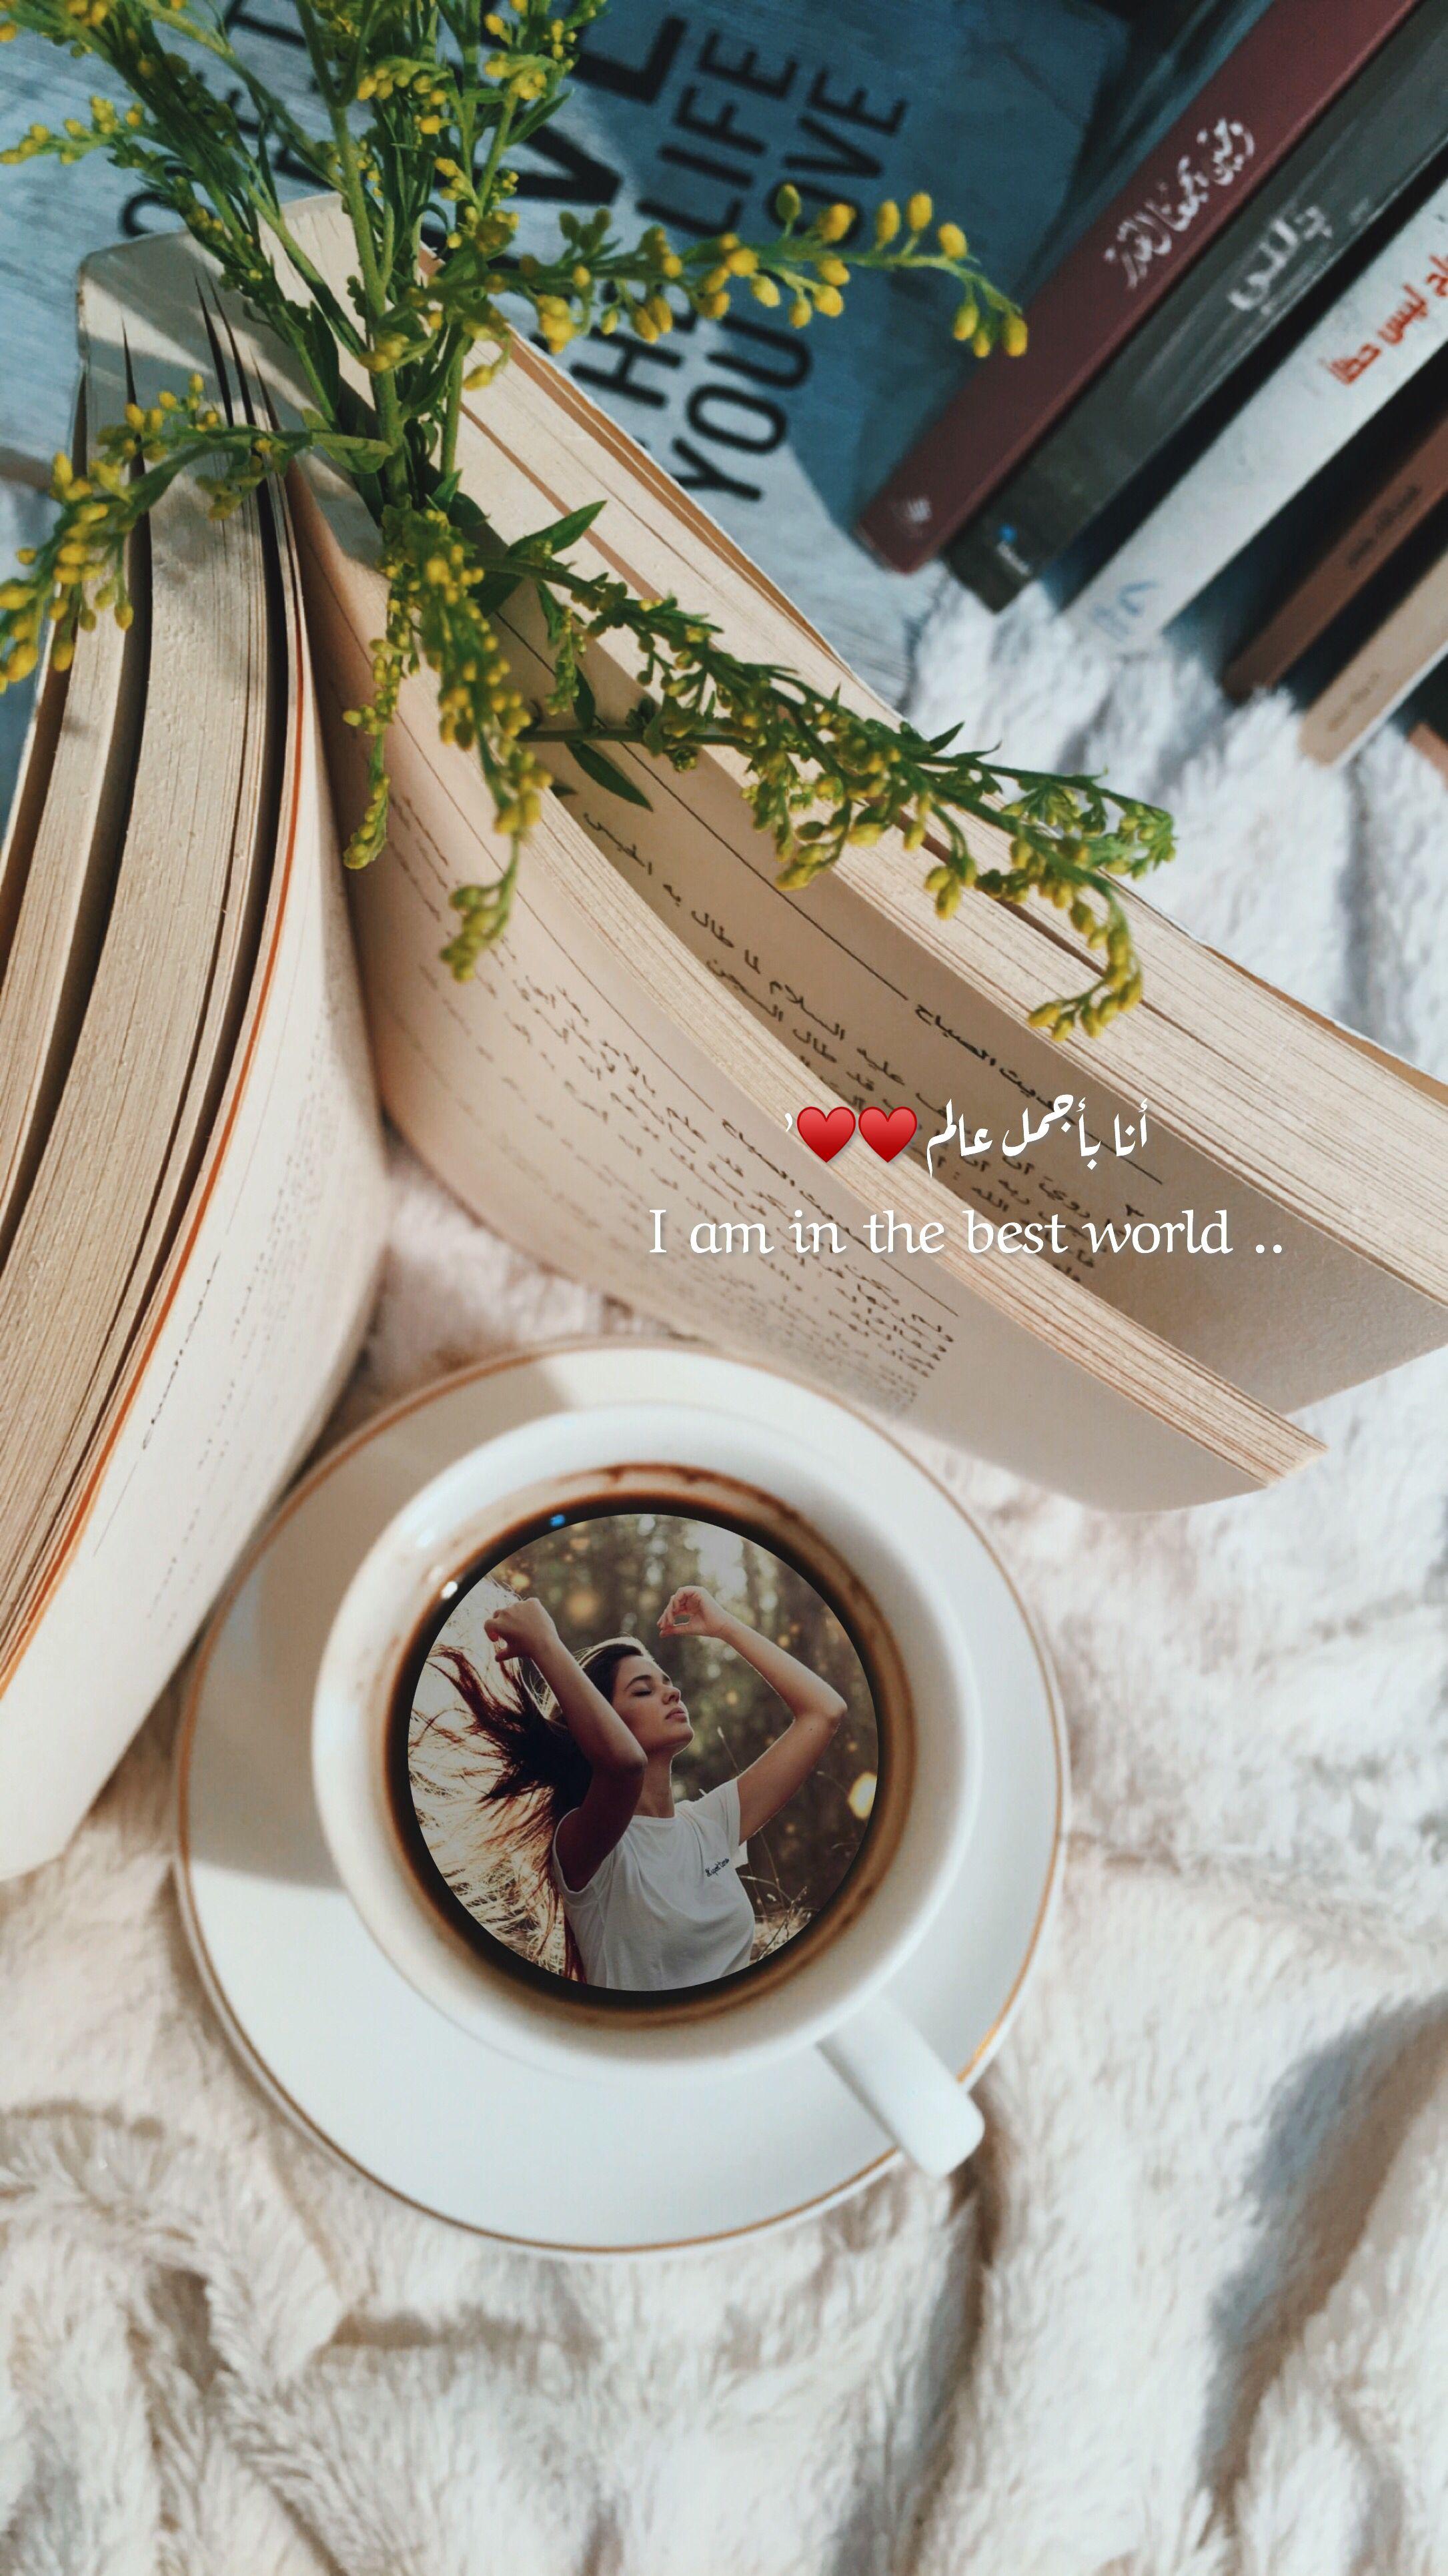 سنابيات قهوتي صباح الخير الجمعة الكهف يارب سنابي سنابك Cover Photo Quotes Love Quotes Wallpaper Quotes For Book Lovers